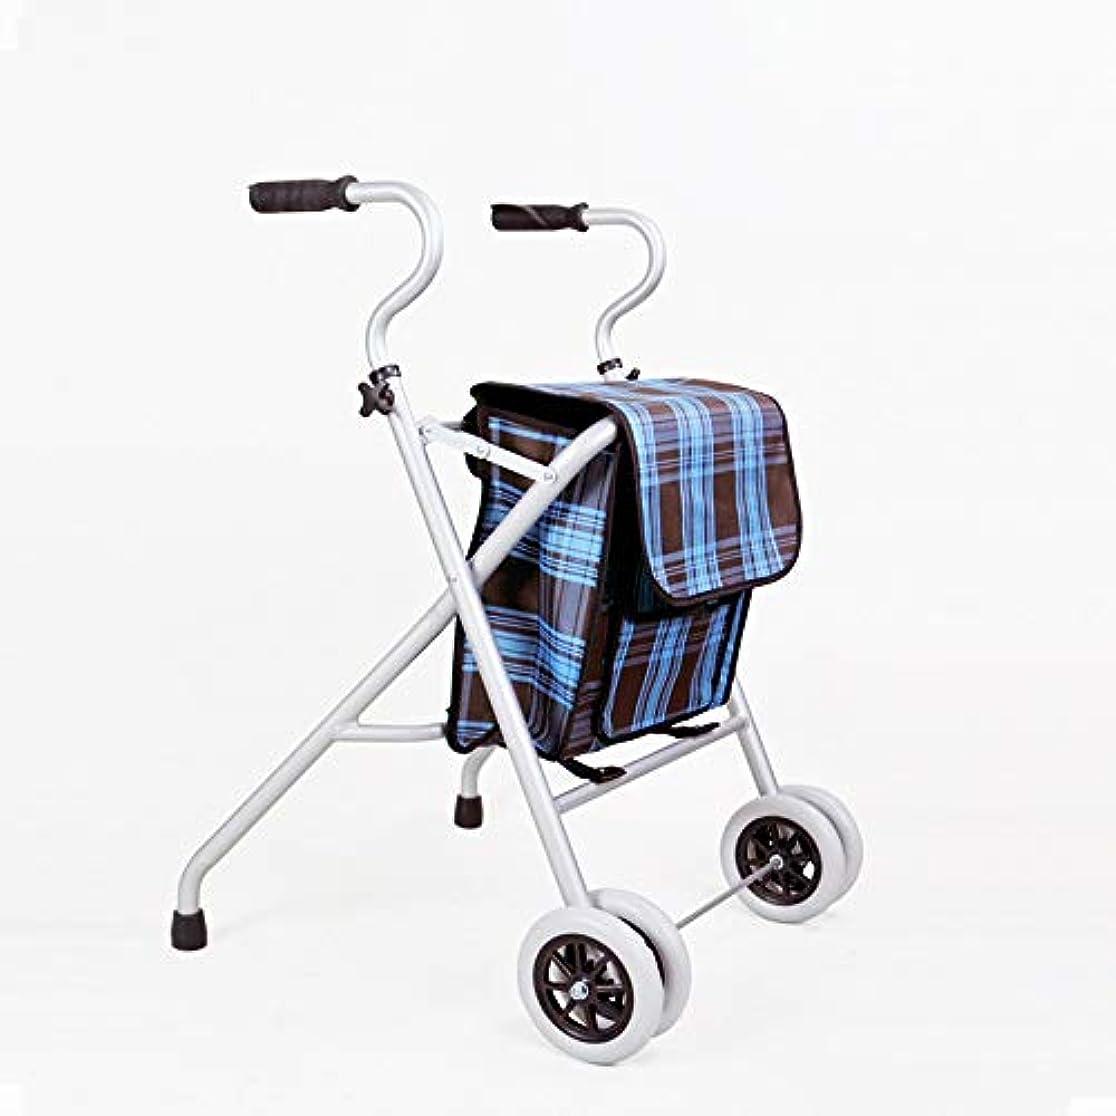 ごみ禁止するカポックキャリーバッグ付き軽量アルミニウム折りたたみ式歩行器、高さ調節可能、移動補助具